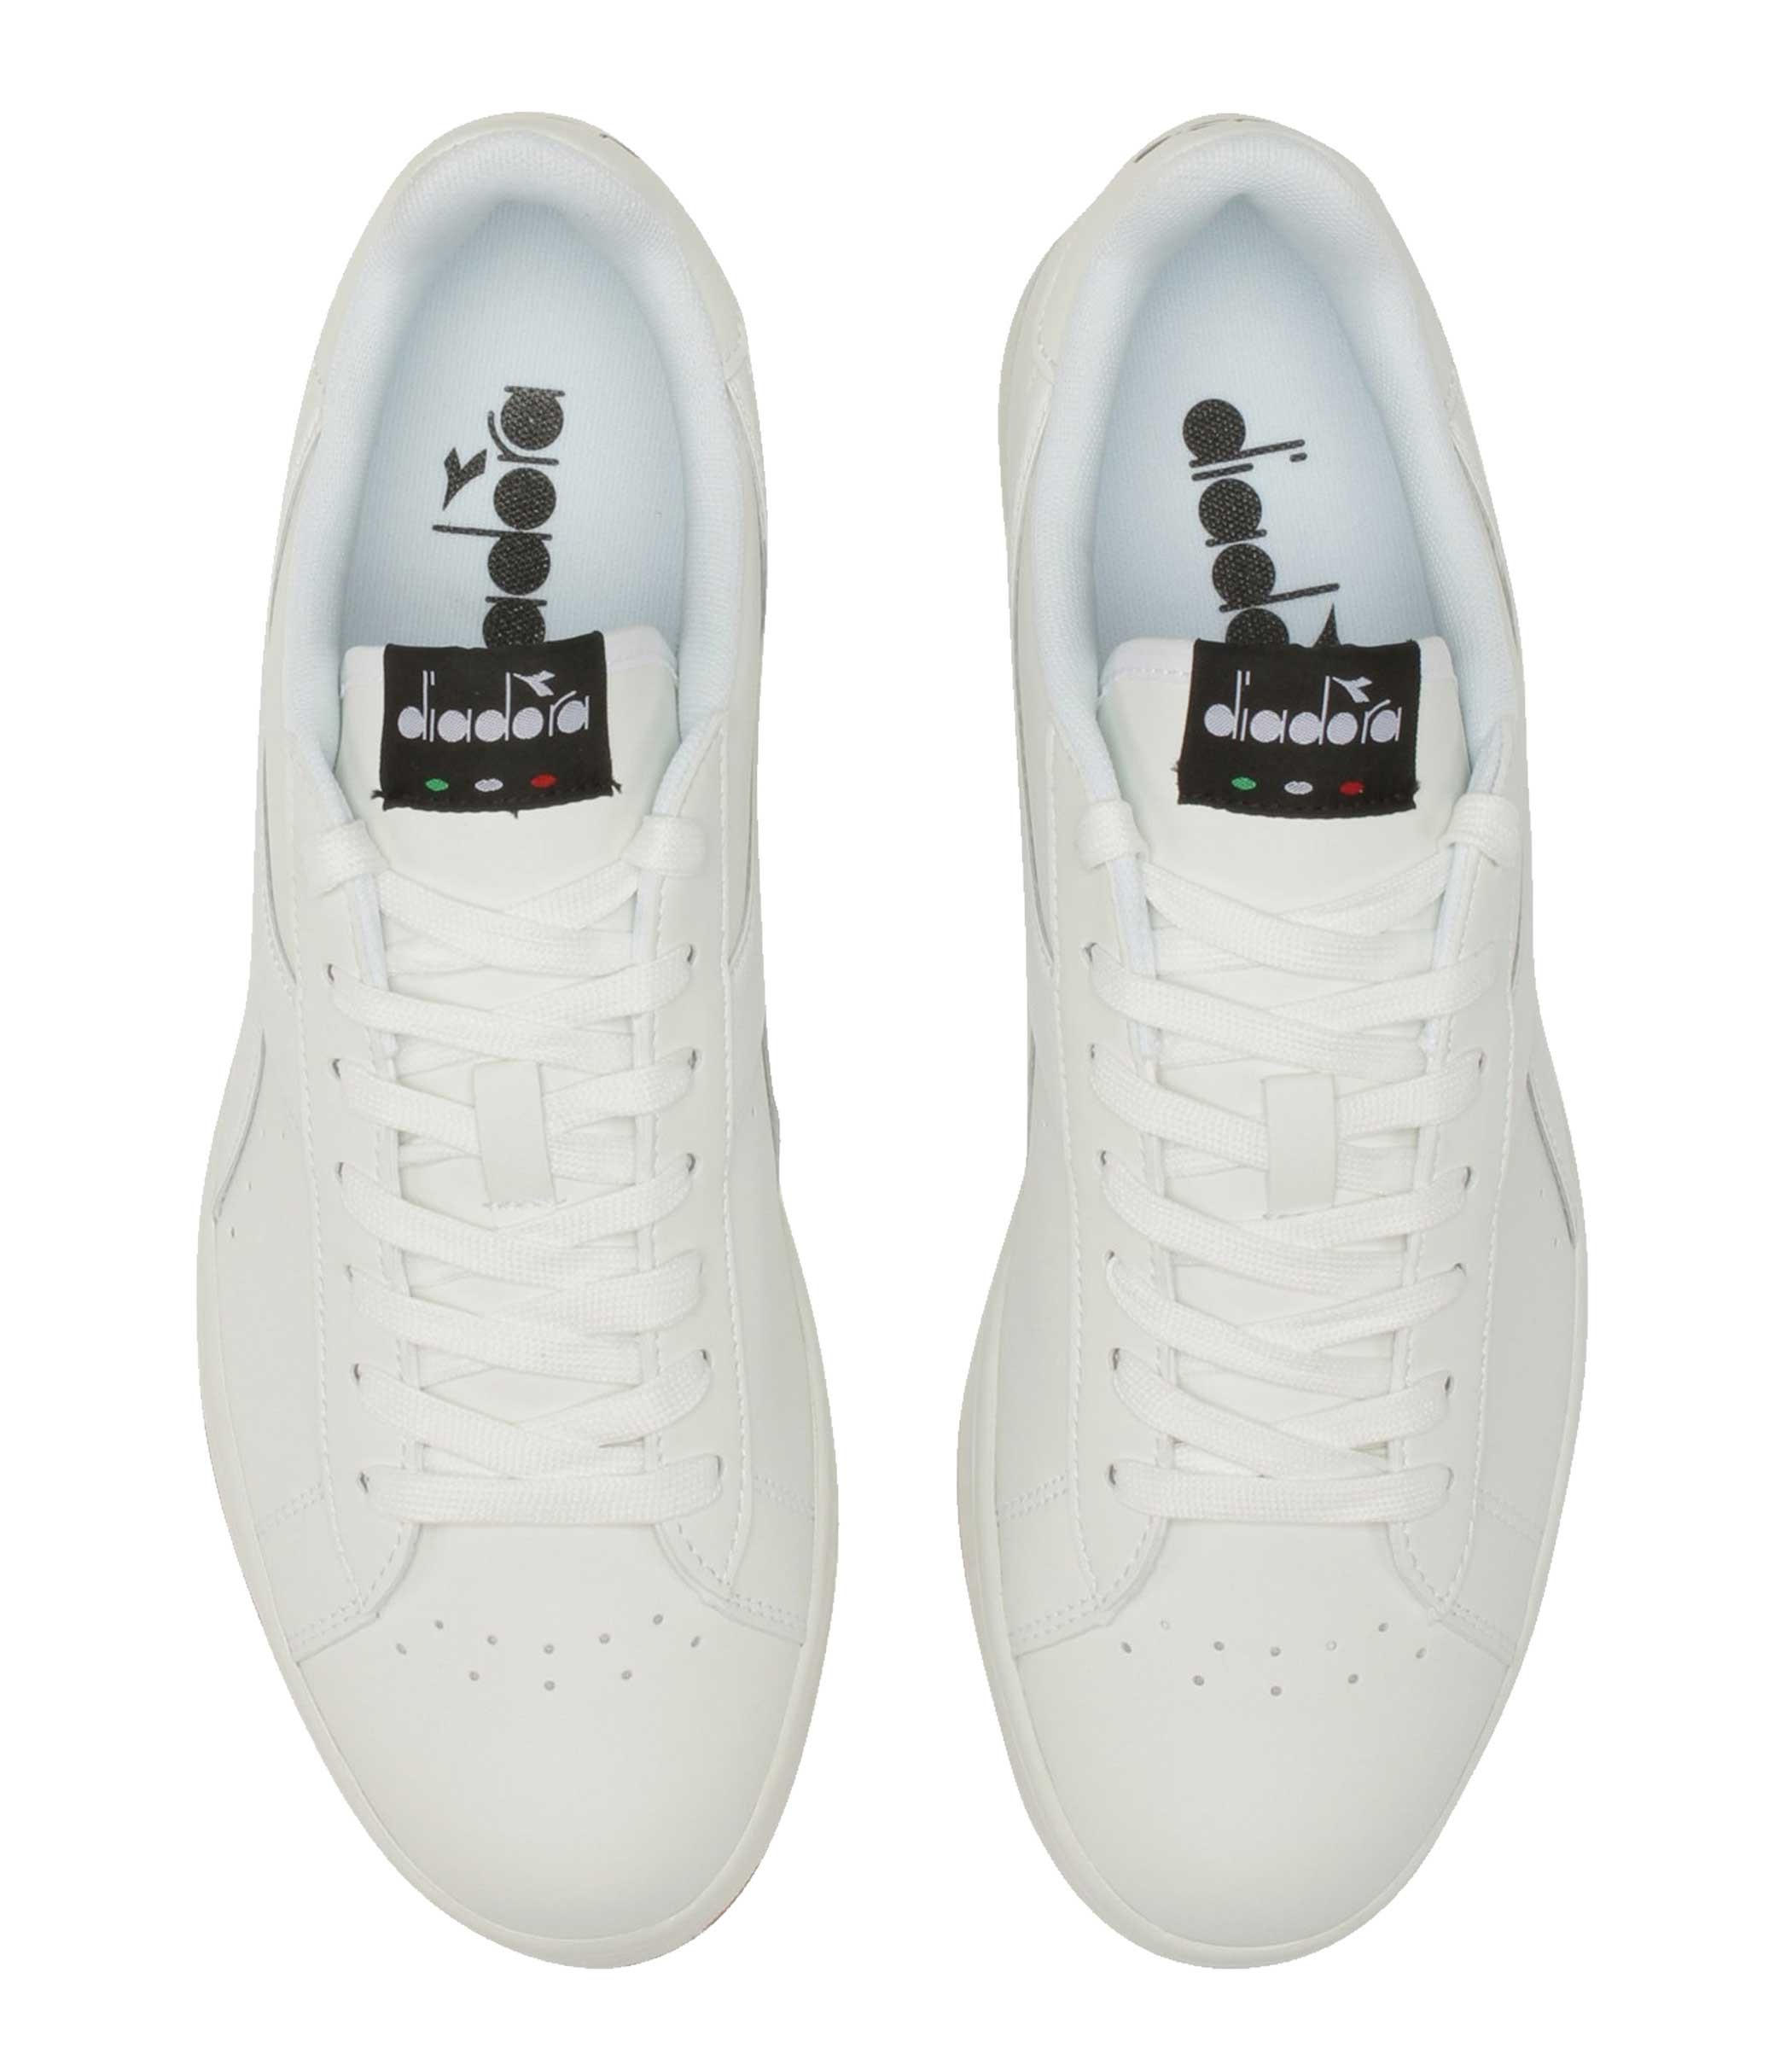 Scarpe 101 Rif Diadora Game 160281 Da P Sneakers Uomo r70qwr 27205fabe25